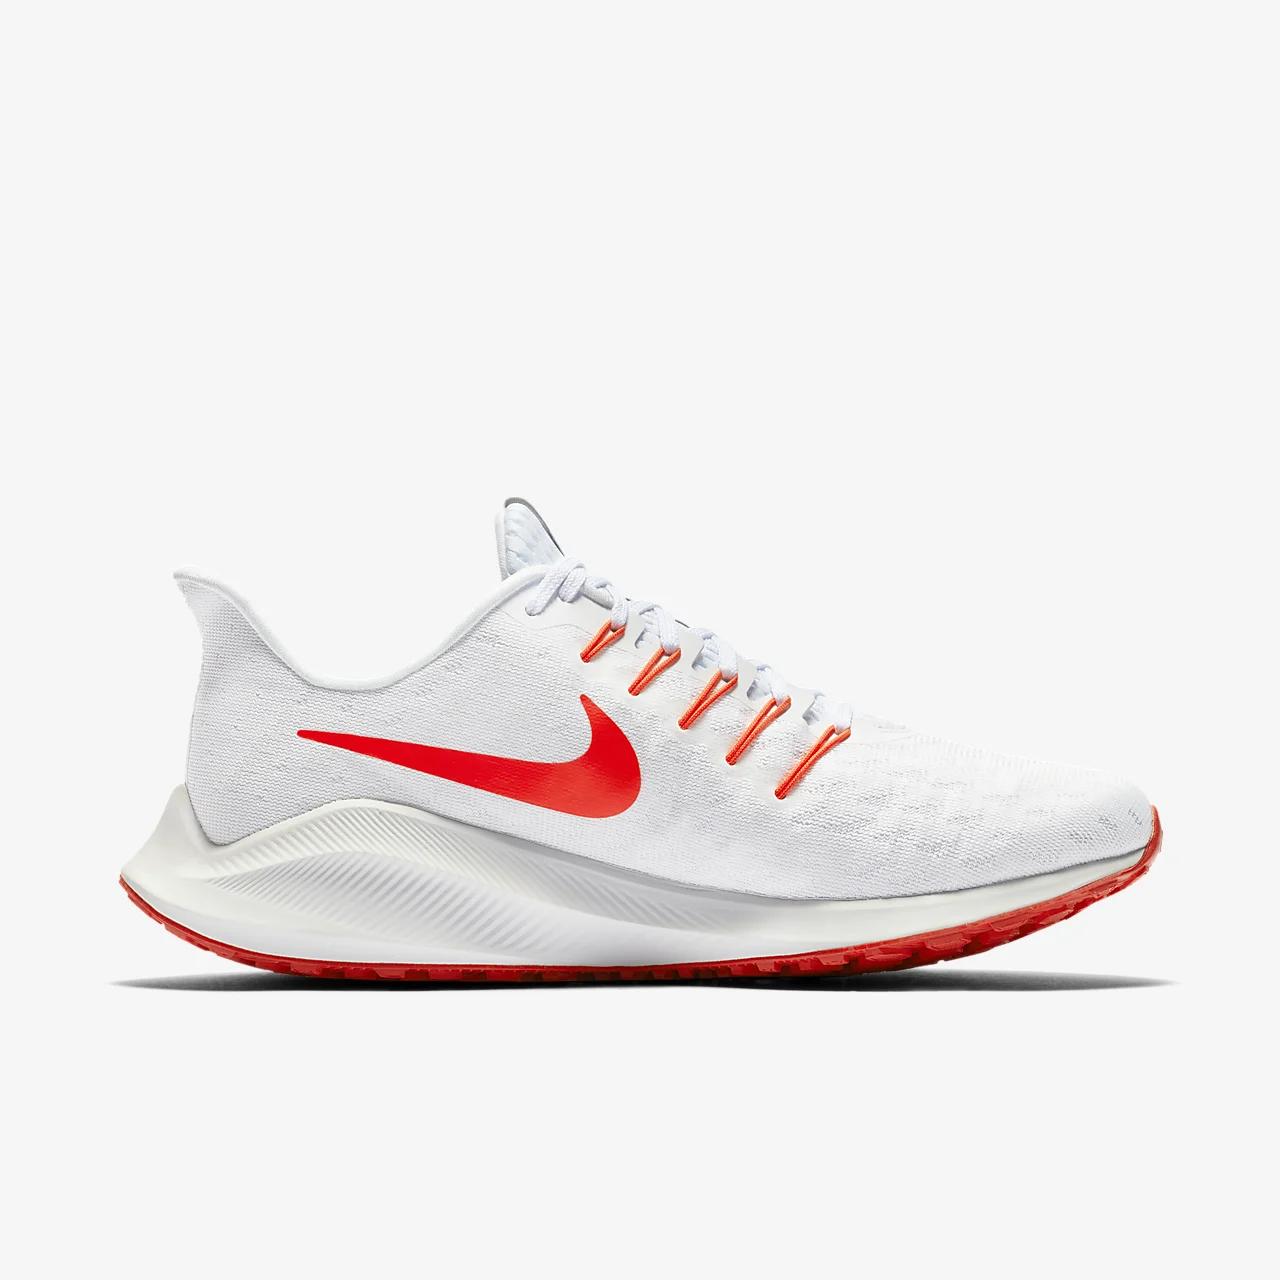 유럽직배송 나이키 NIKE Nike Air Zoom Vomero 14 Women's Running Shoe AH7858-101